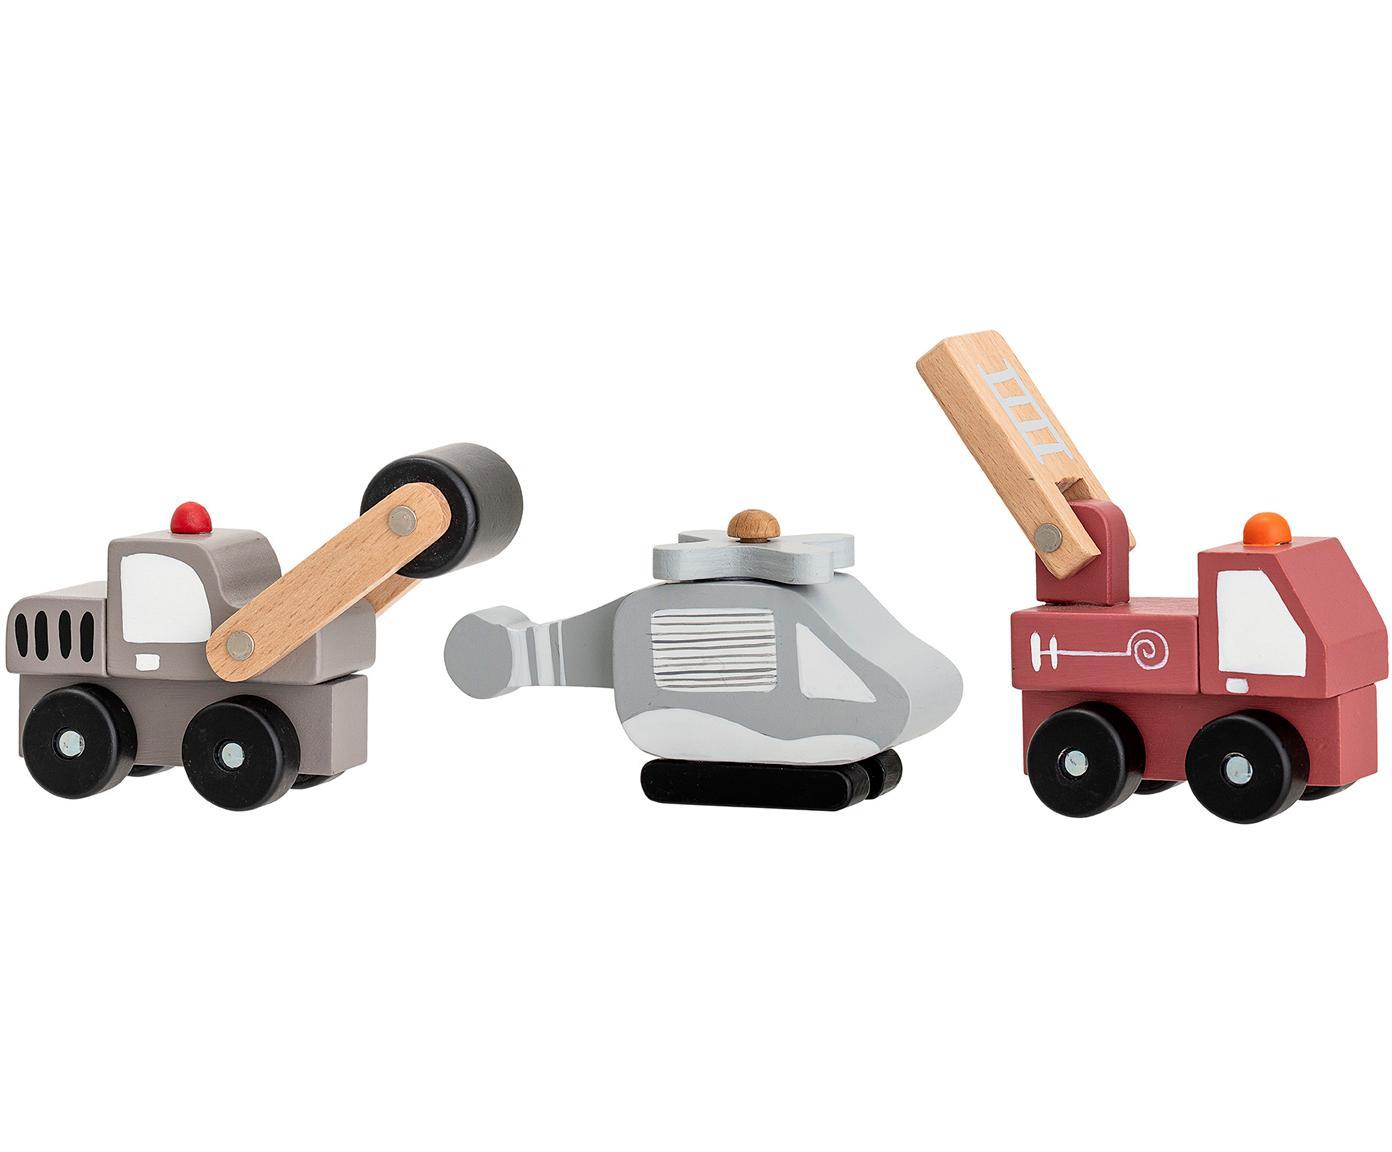 Spielzeugauto-Set Bruno, 3-tlg., Mitteldichte Holzfaserplatte (MDF), Schichtholz, Metall, Mehrfarbig, Verschiedene Grössen